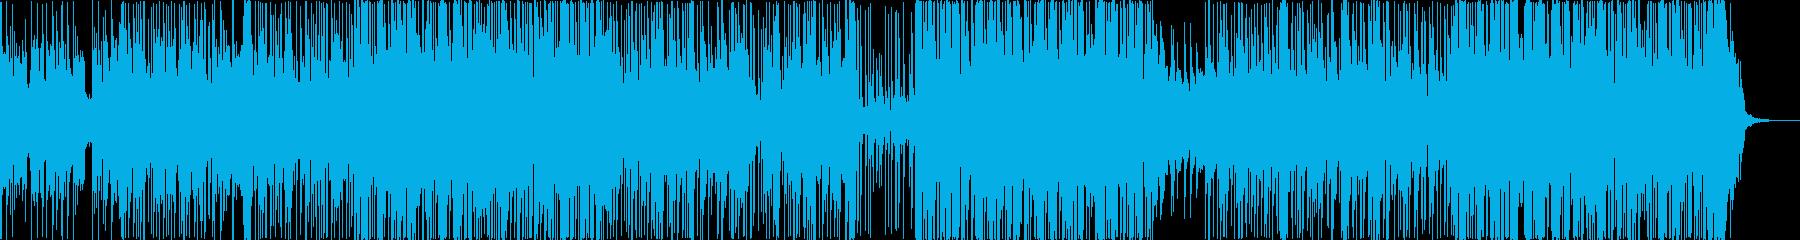 森の中にいるようなインストポップスの再生済みの波形